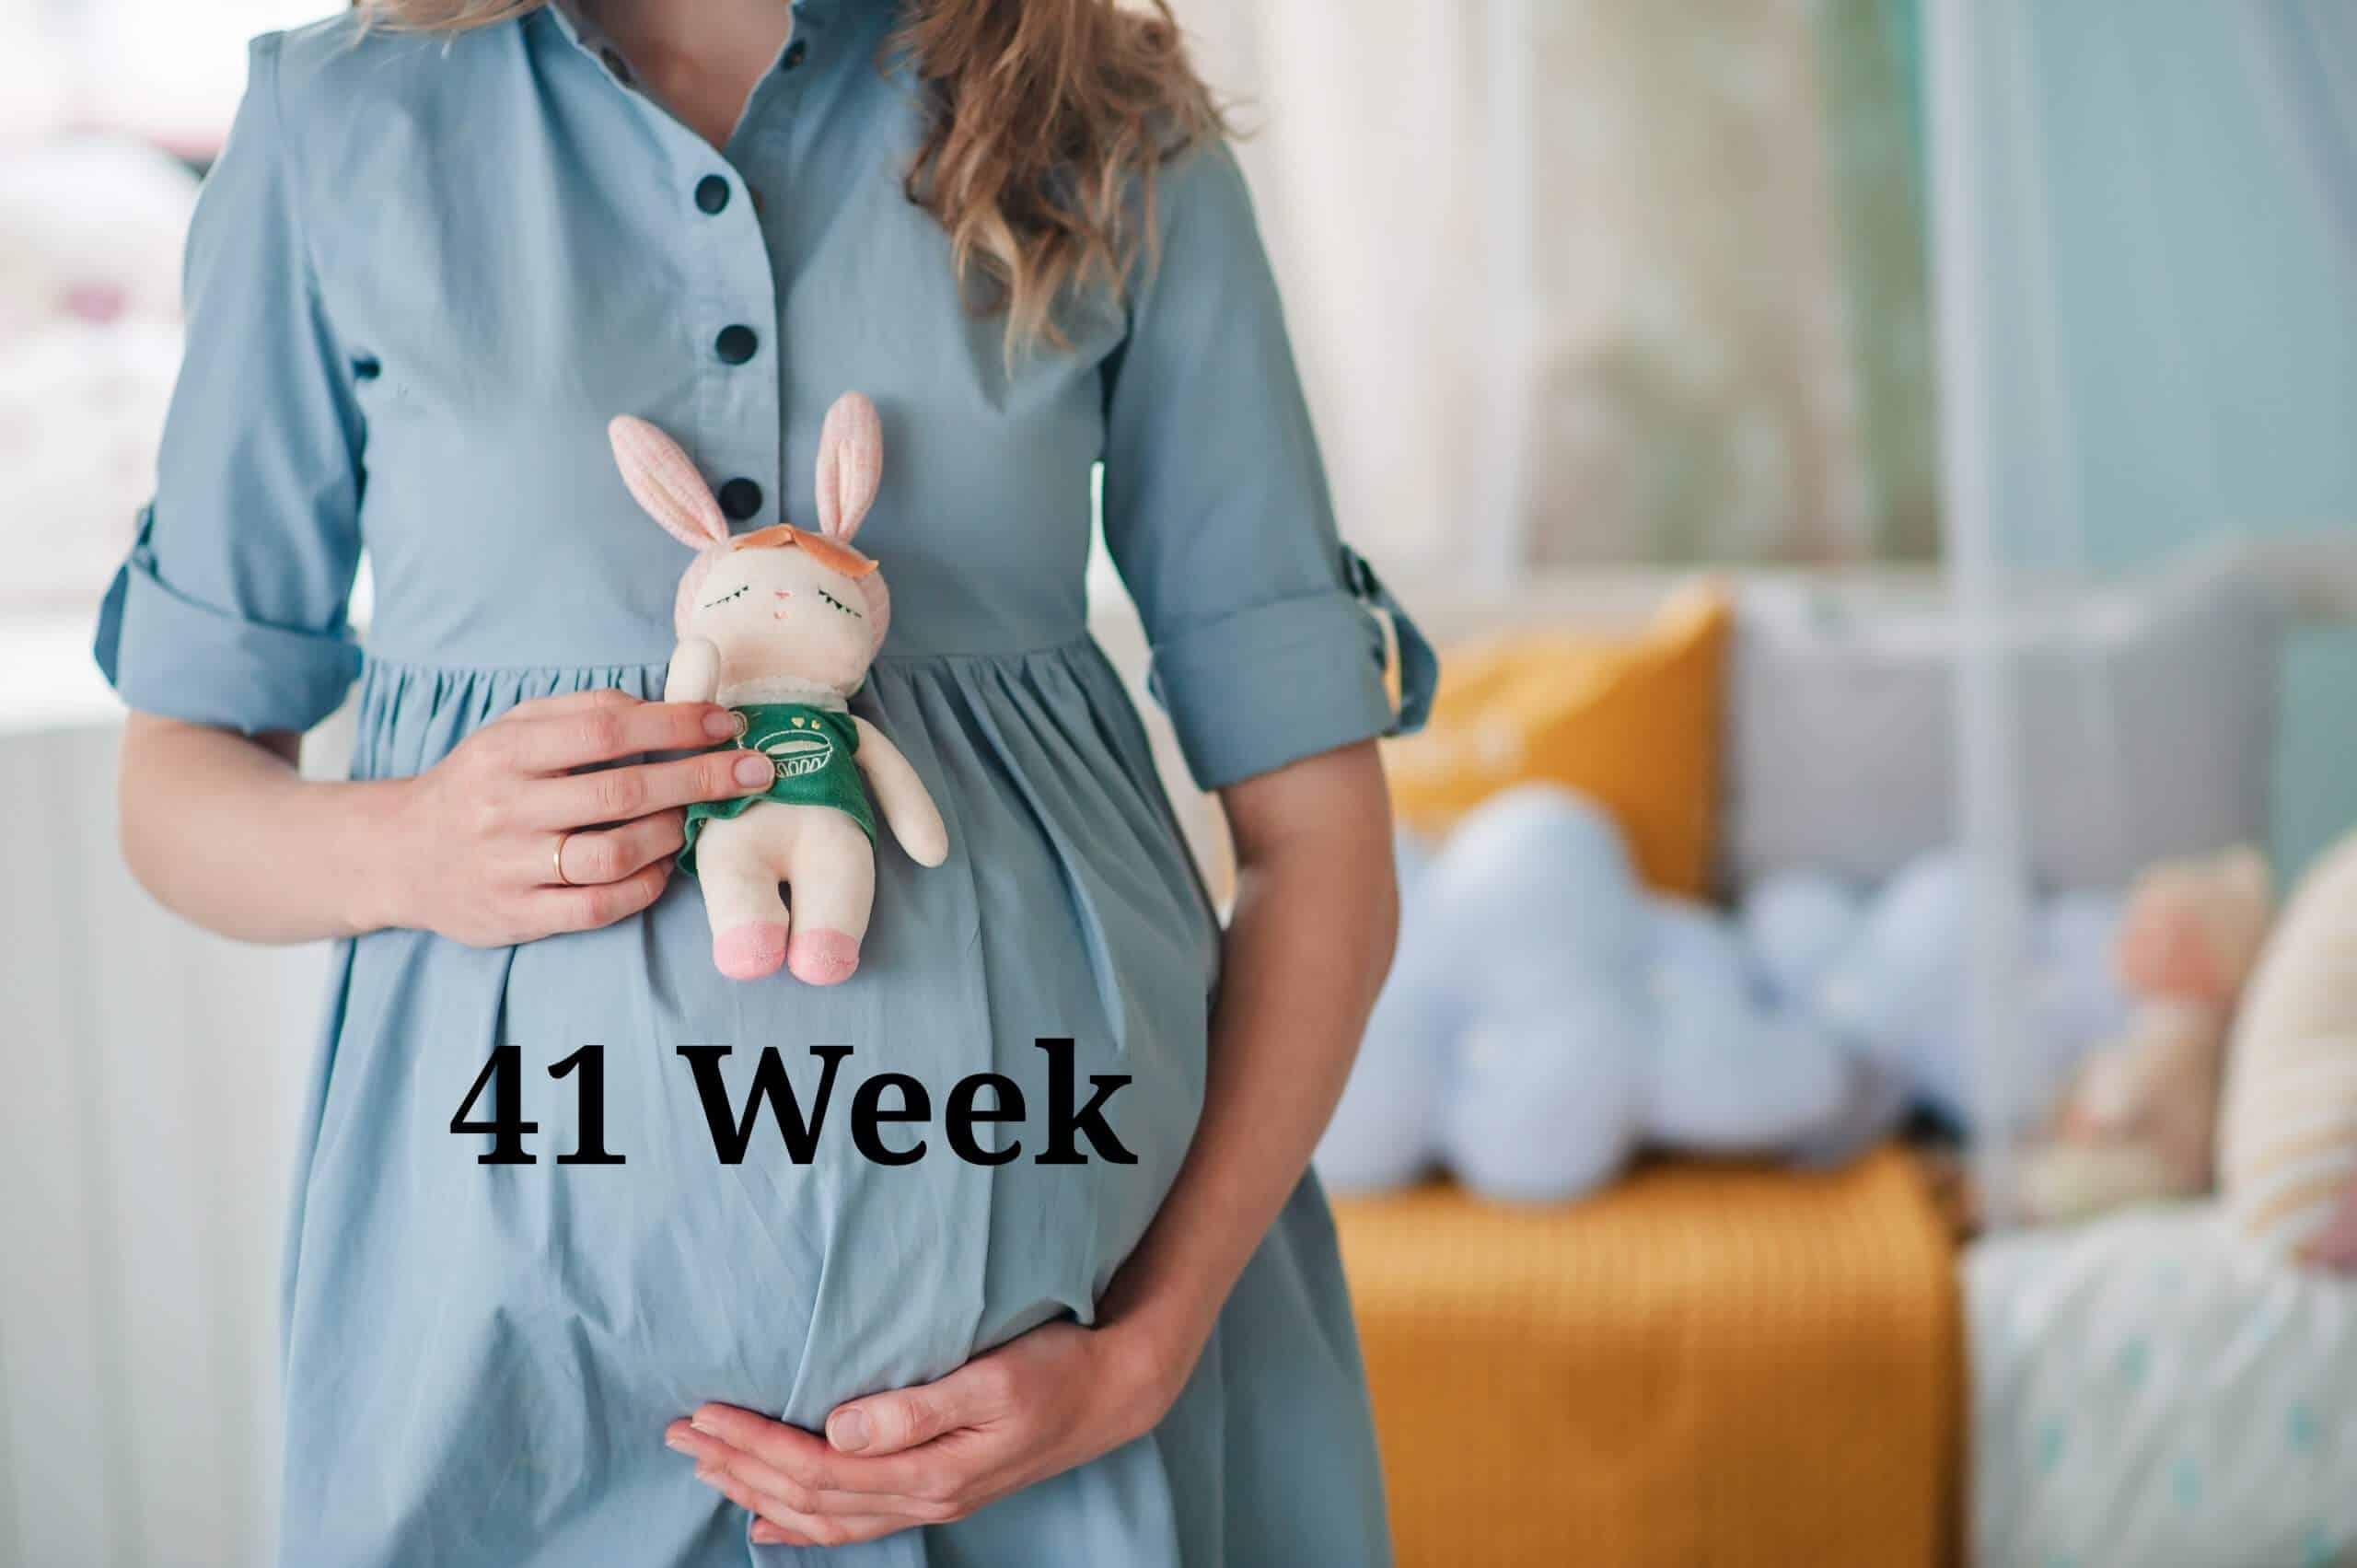 Pregnancy At 41 Weeks